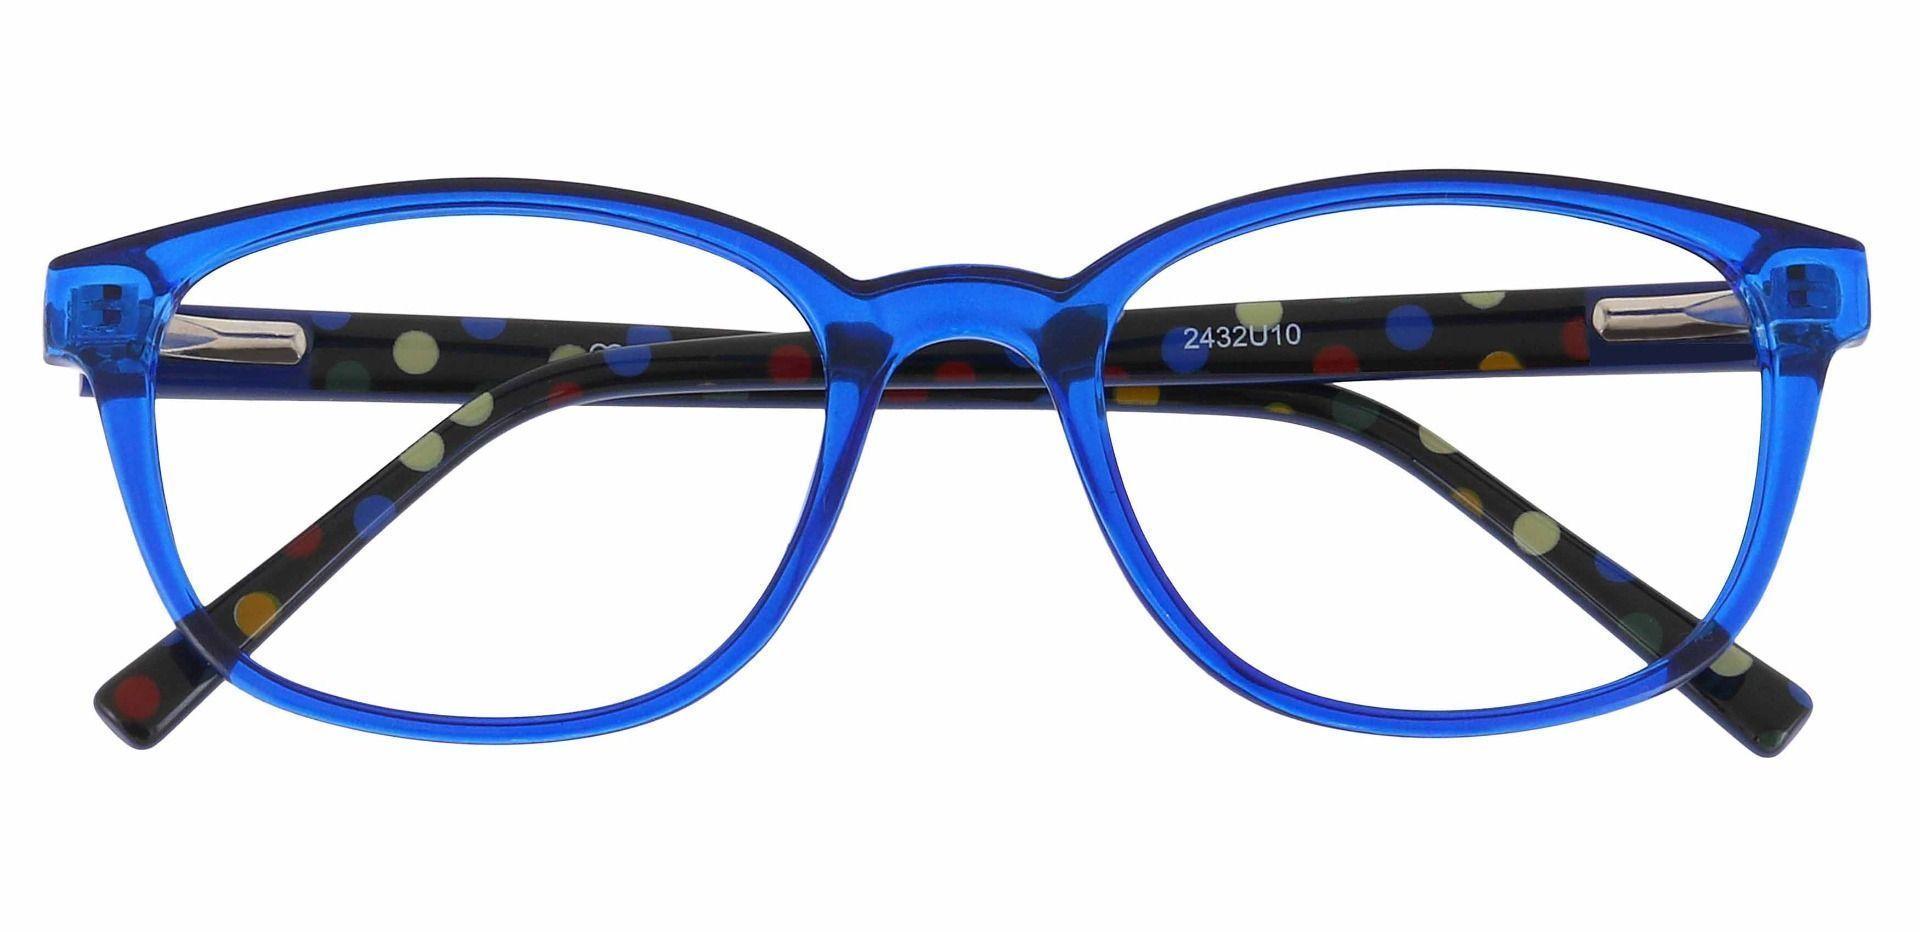 Branson Rectangle Prescription Glasses - Blue